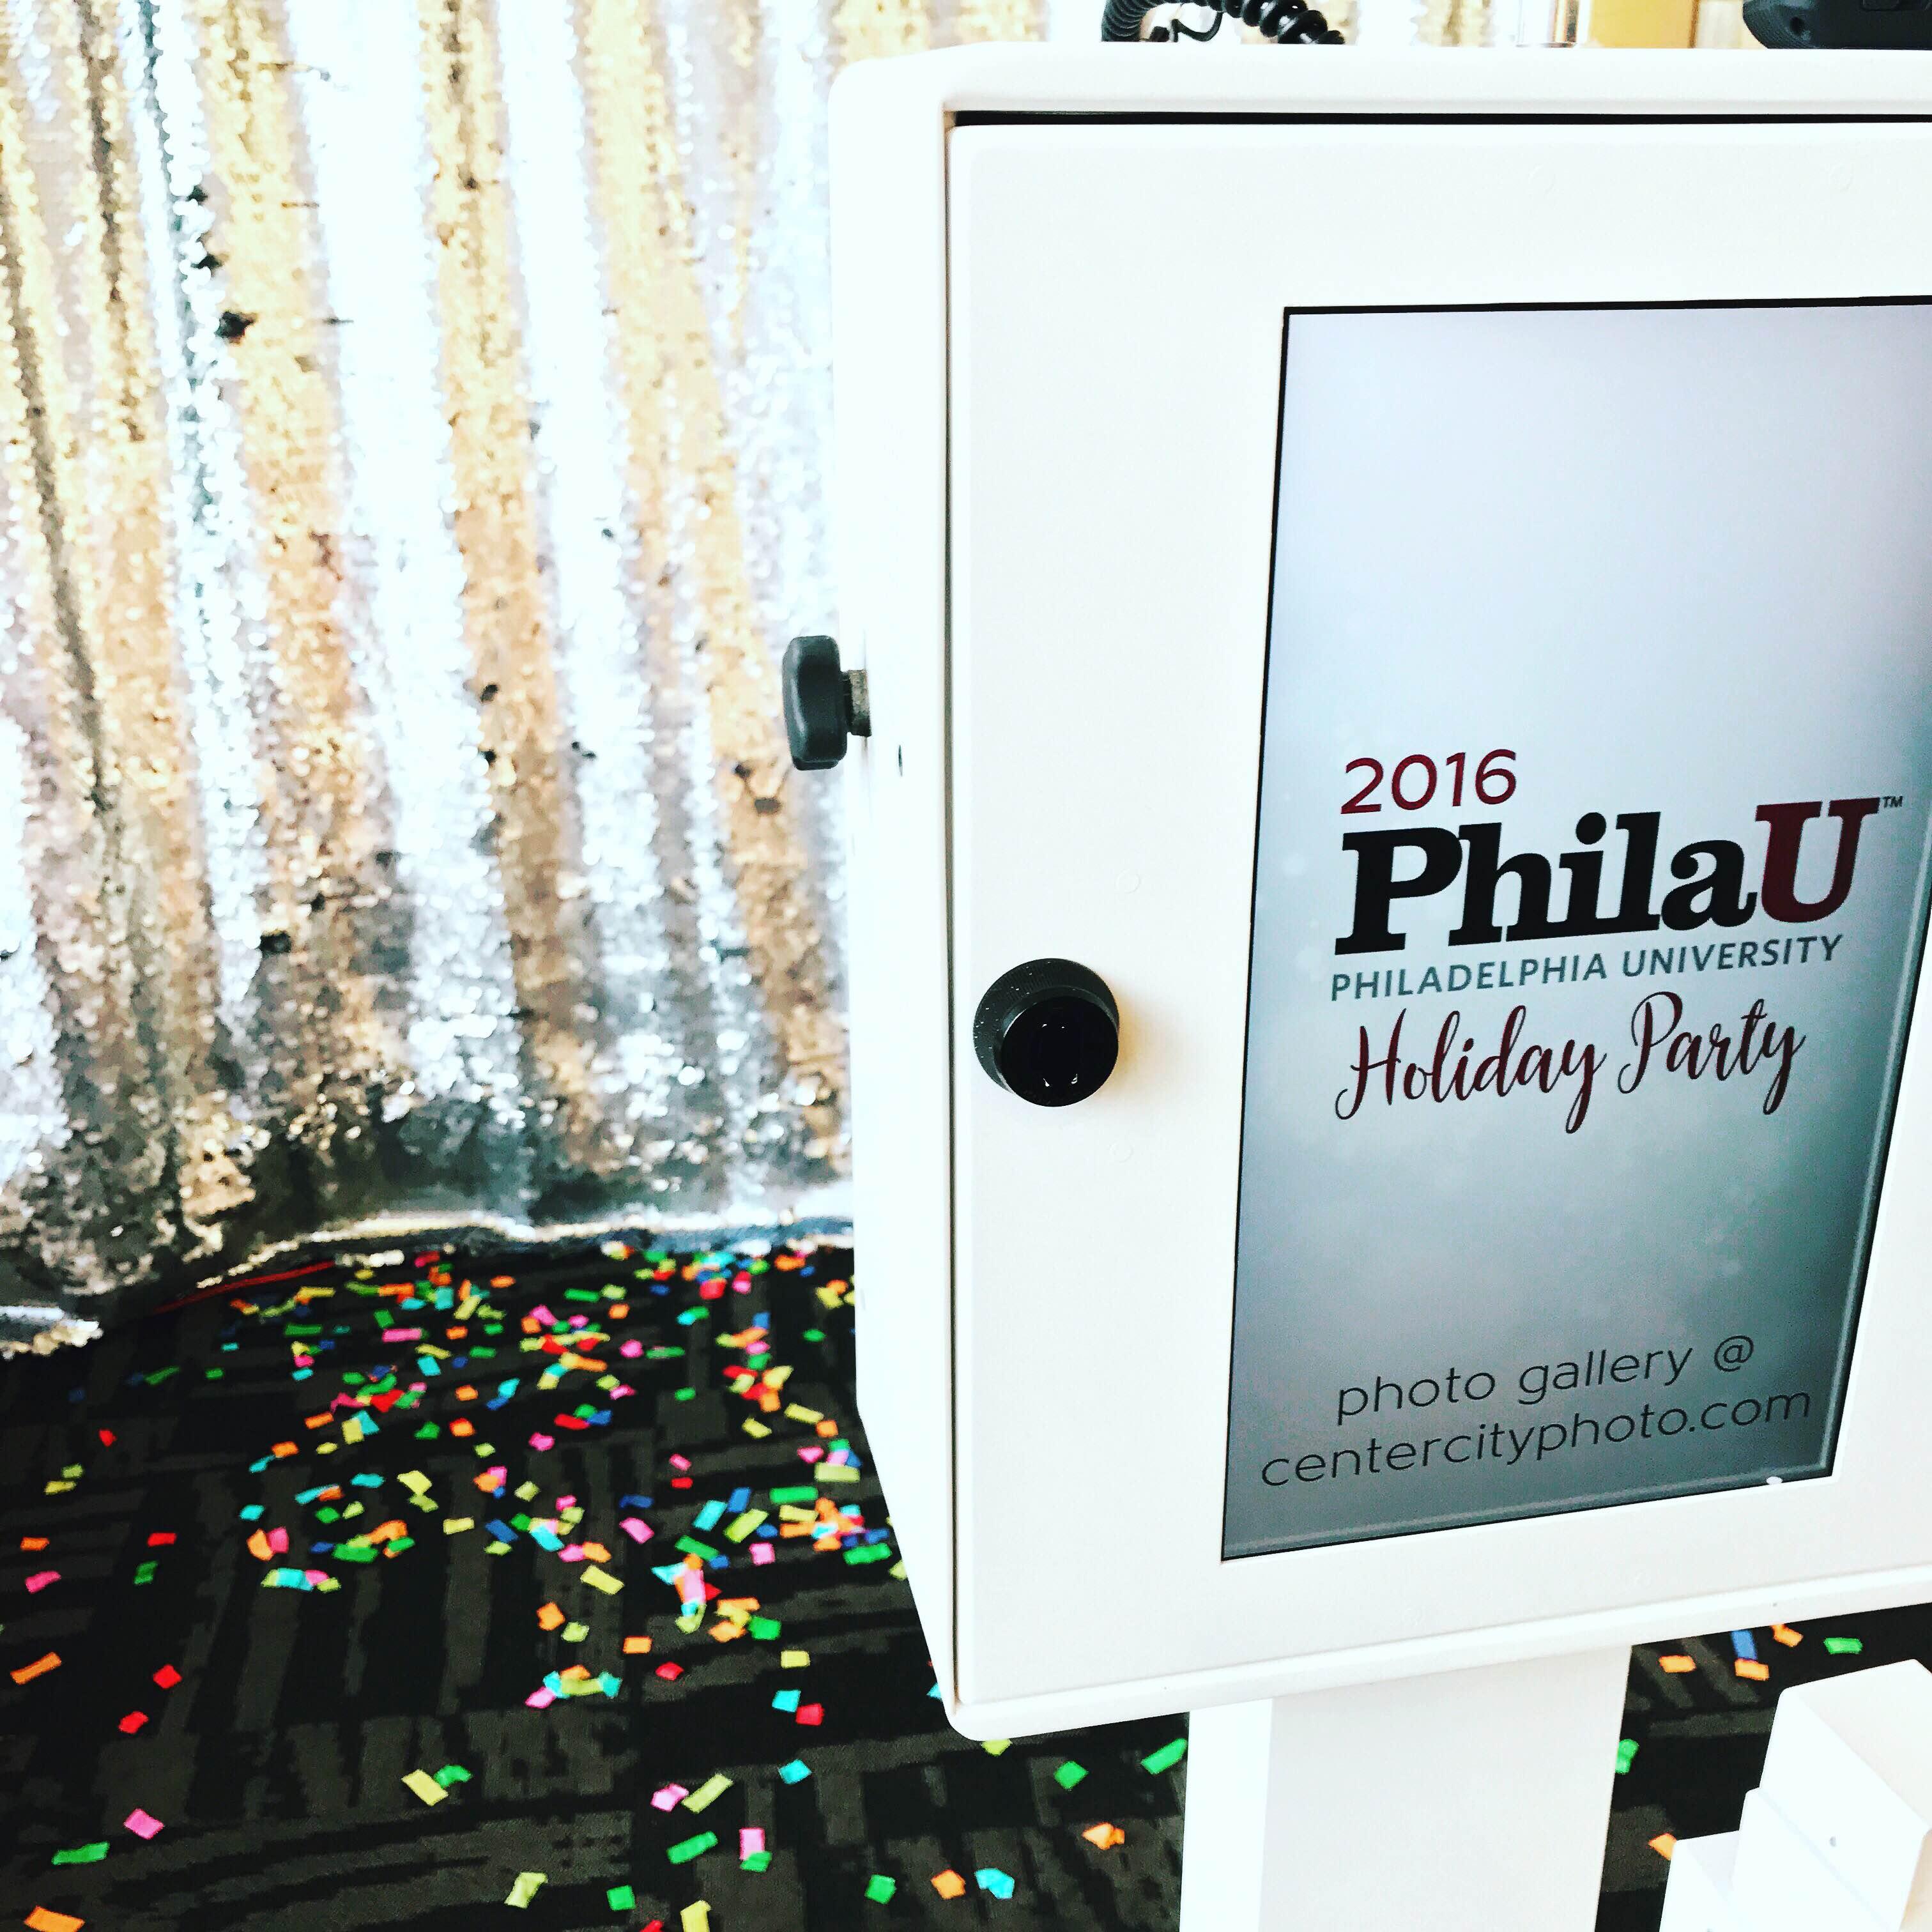 PhilaU 1